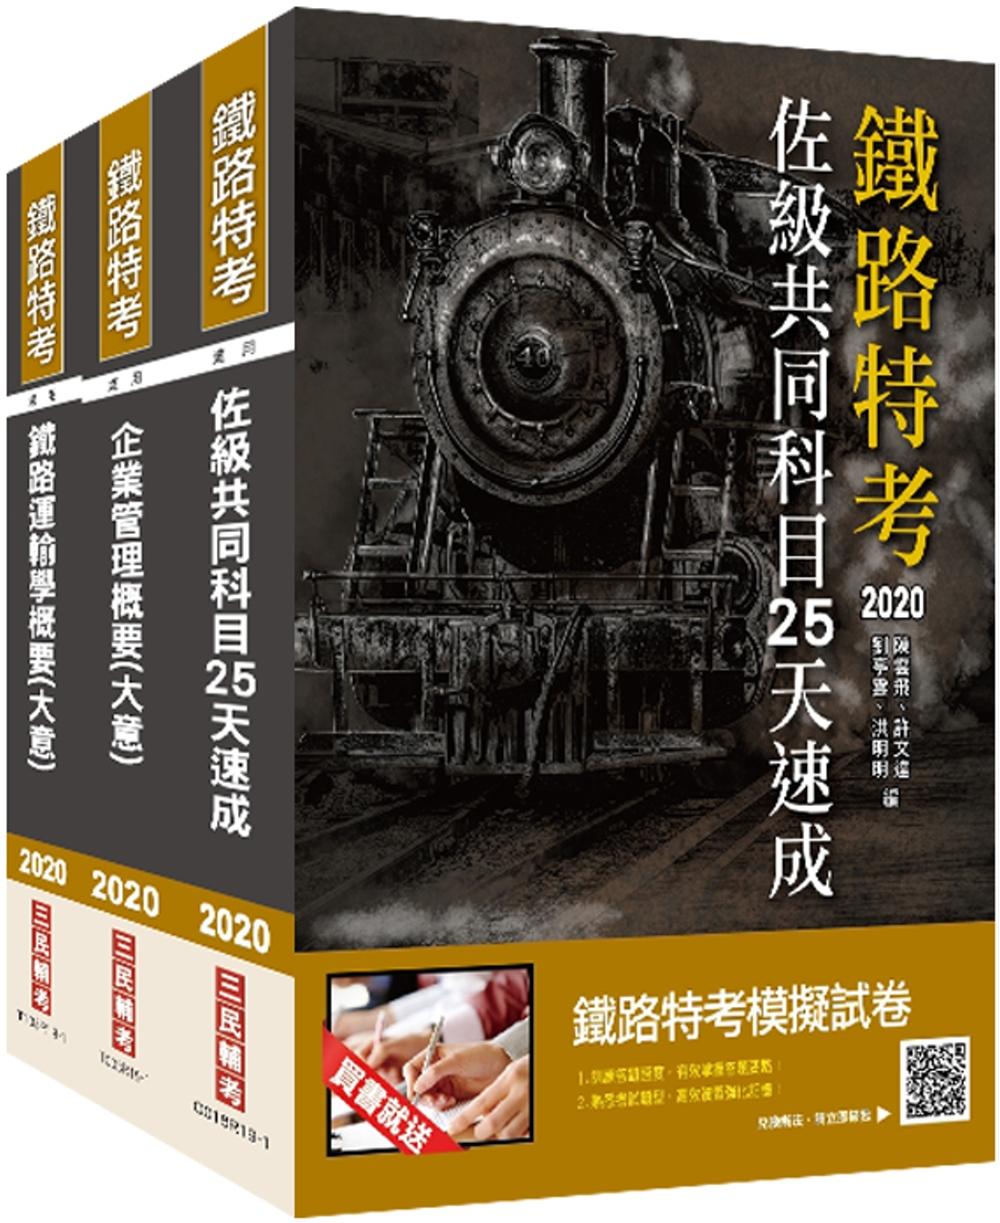 2020年鐵路特考佐級[運輸營業]速成套書(重點彙整/考科試題收錄/命題趨勢全盤掌握)(贈公職英文單字[基礎篇])